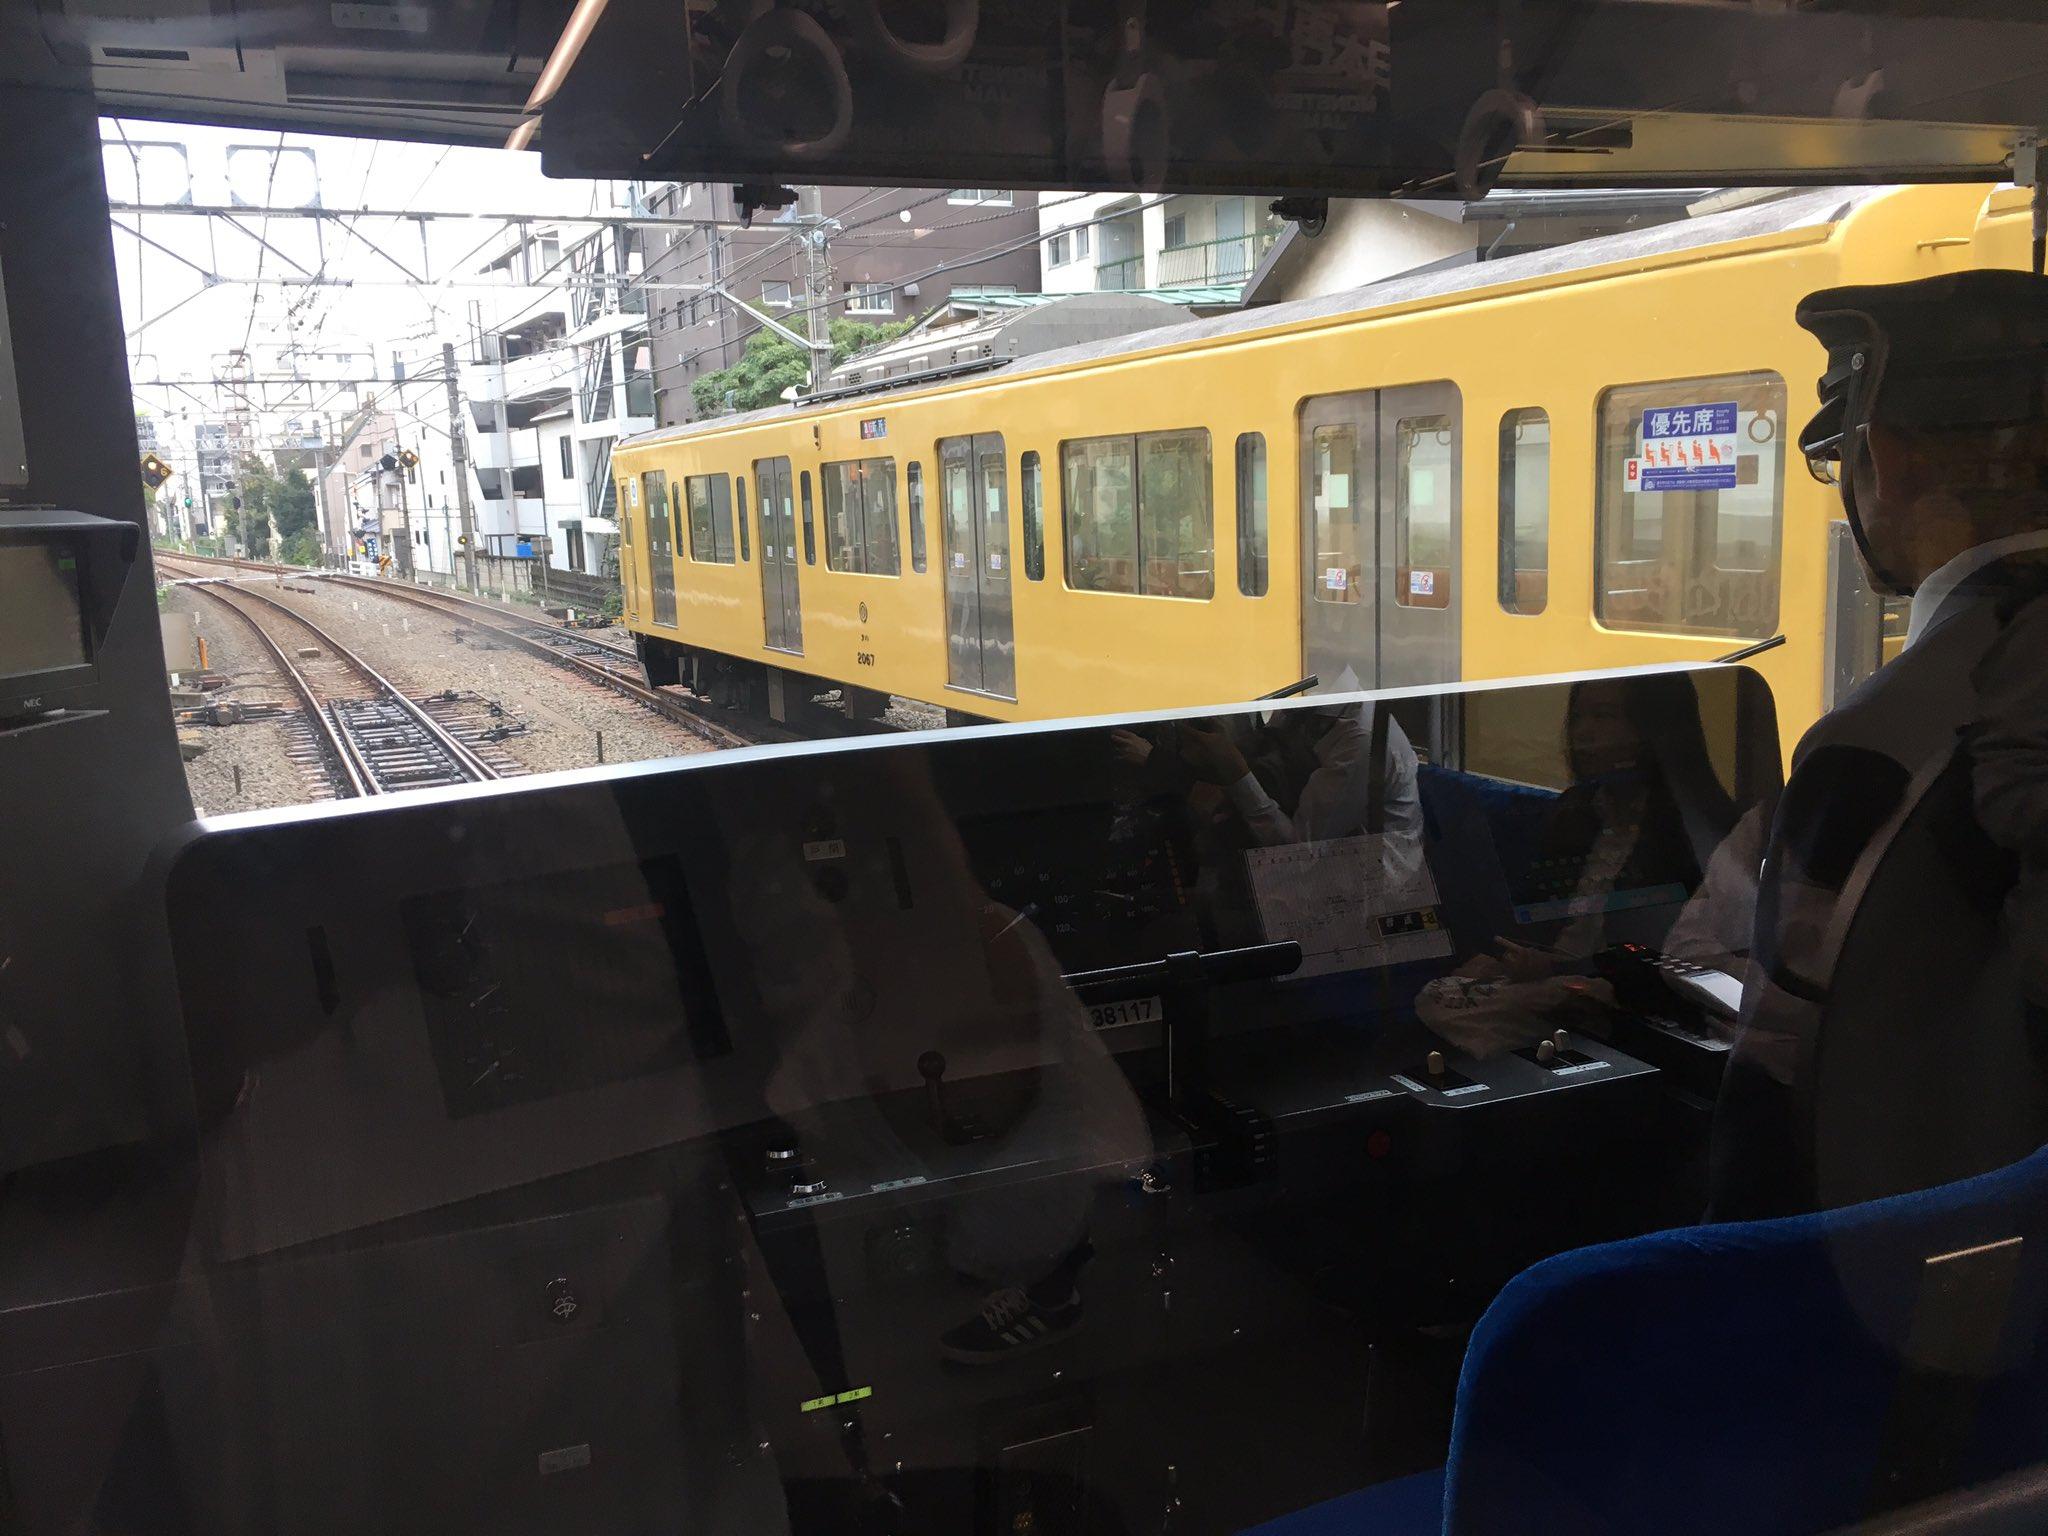 中井駅の人身事故で電車が運転を見合わせている現場の画像